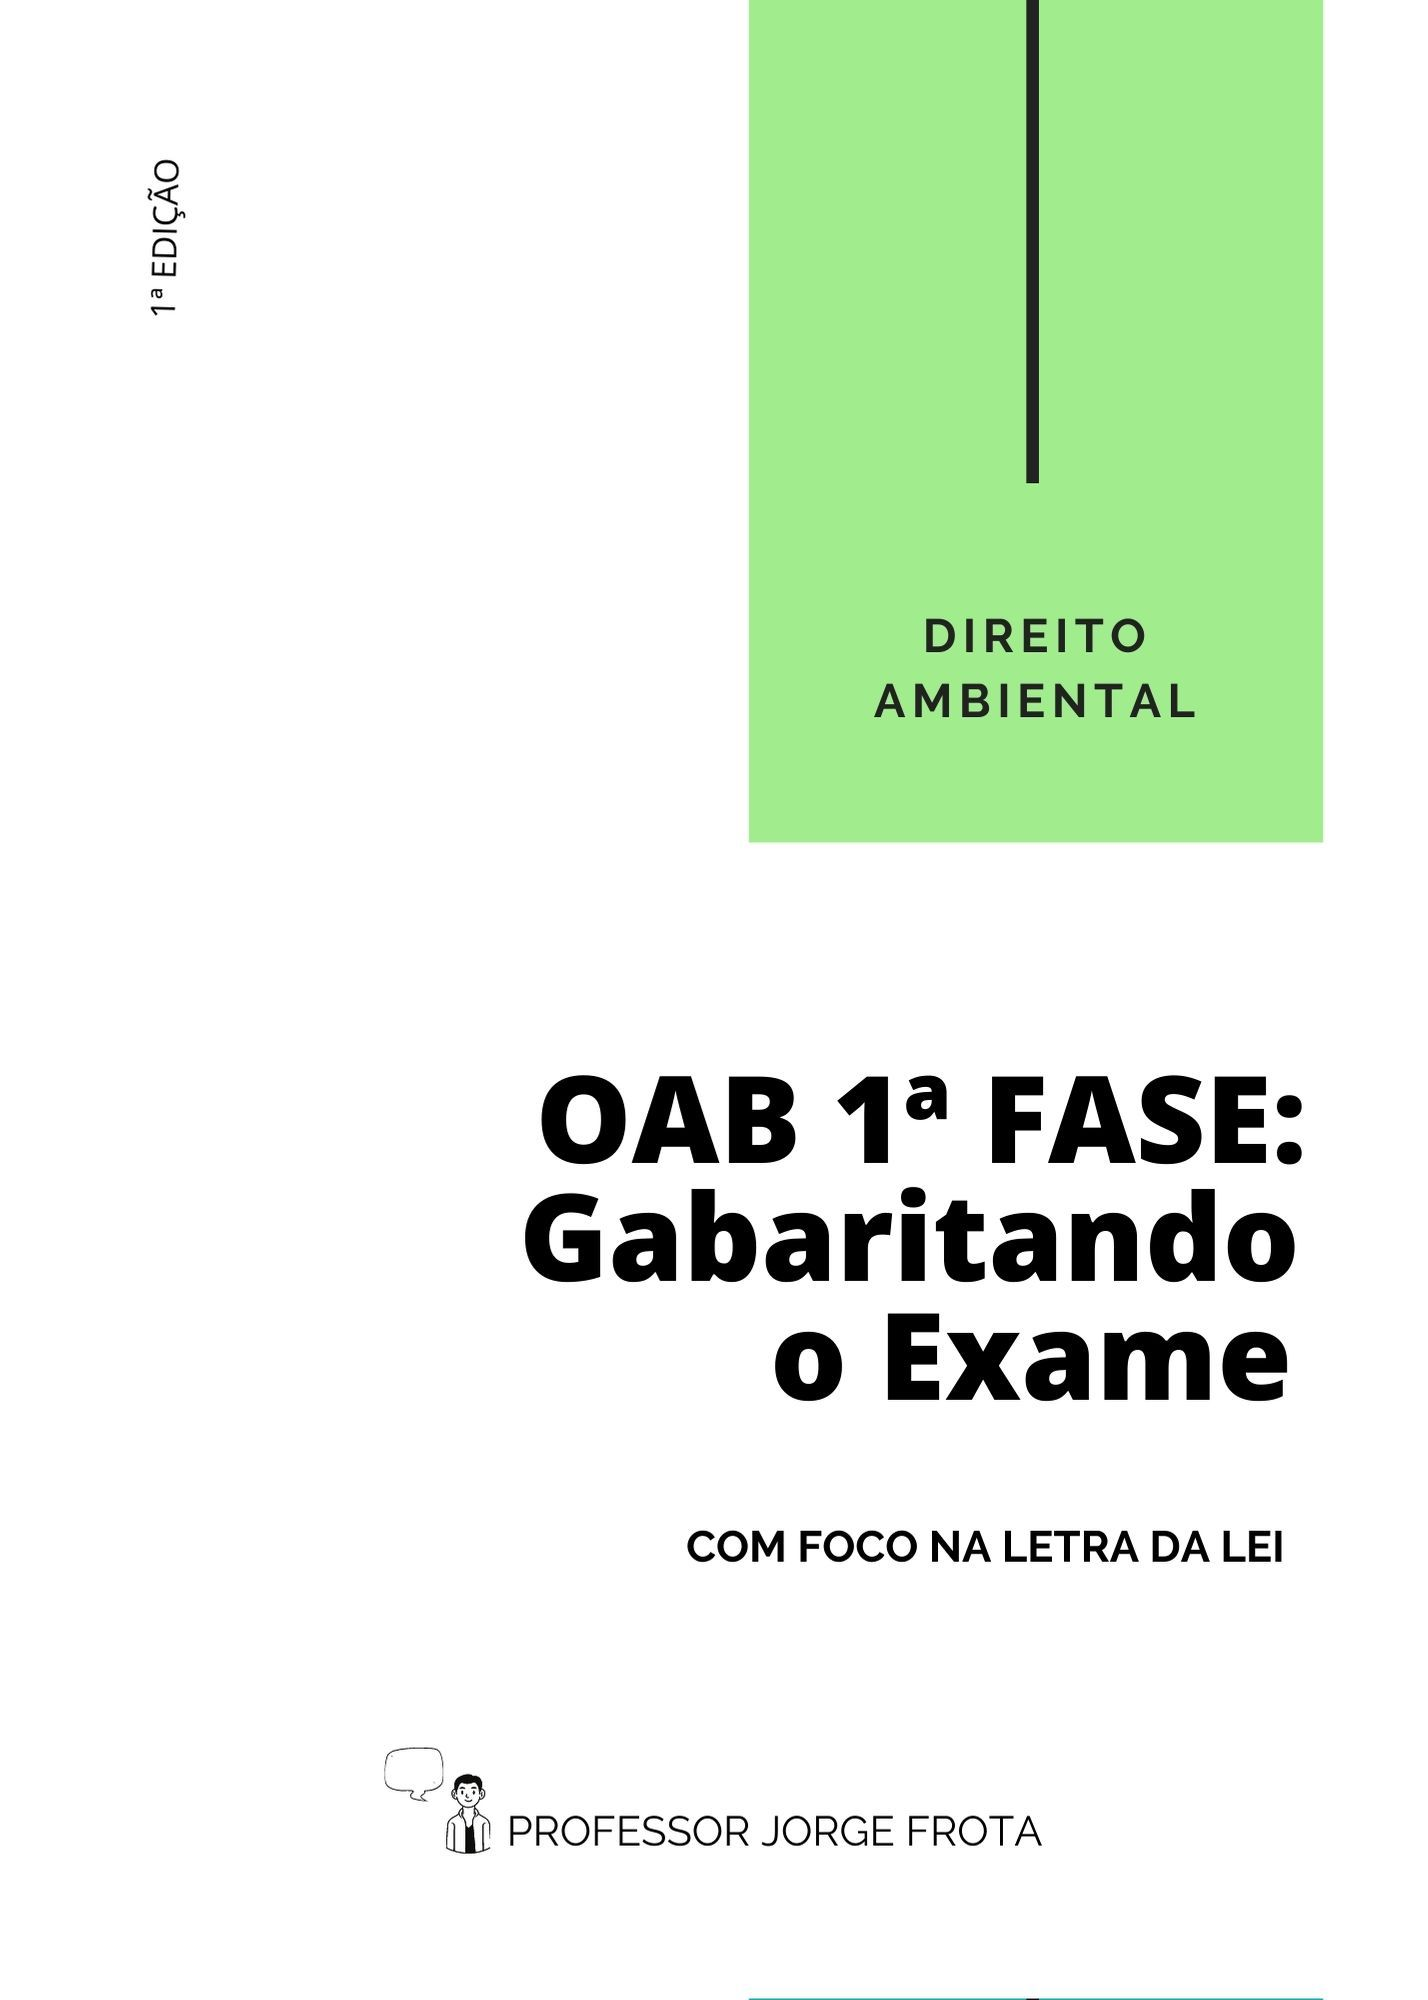 DIREITO AMBIENTAL: OAB 1º FASE GABARITANDO O EXAME COM FOCO NA LETRA DA LEI